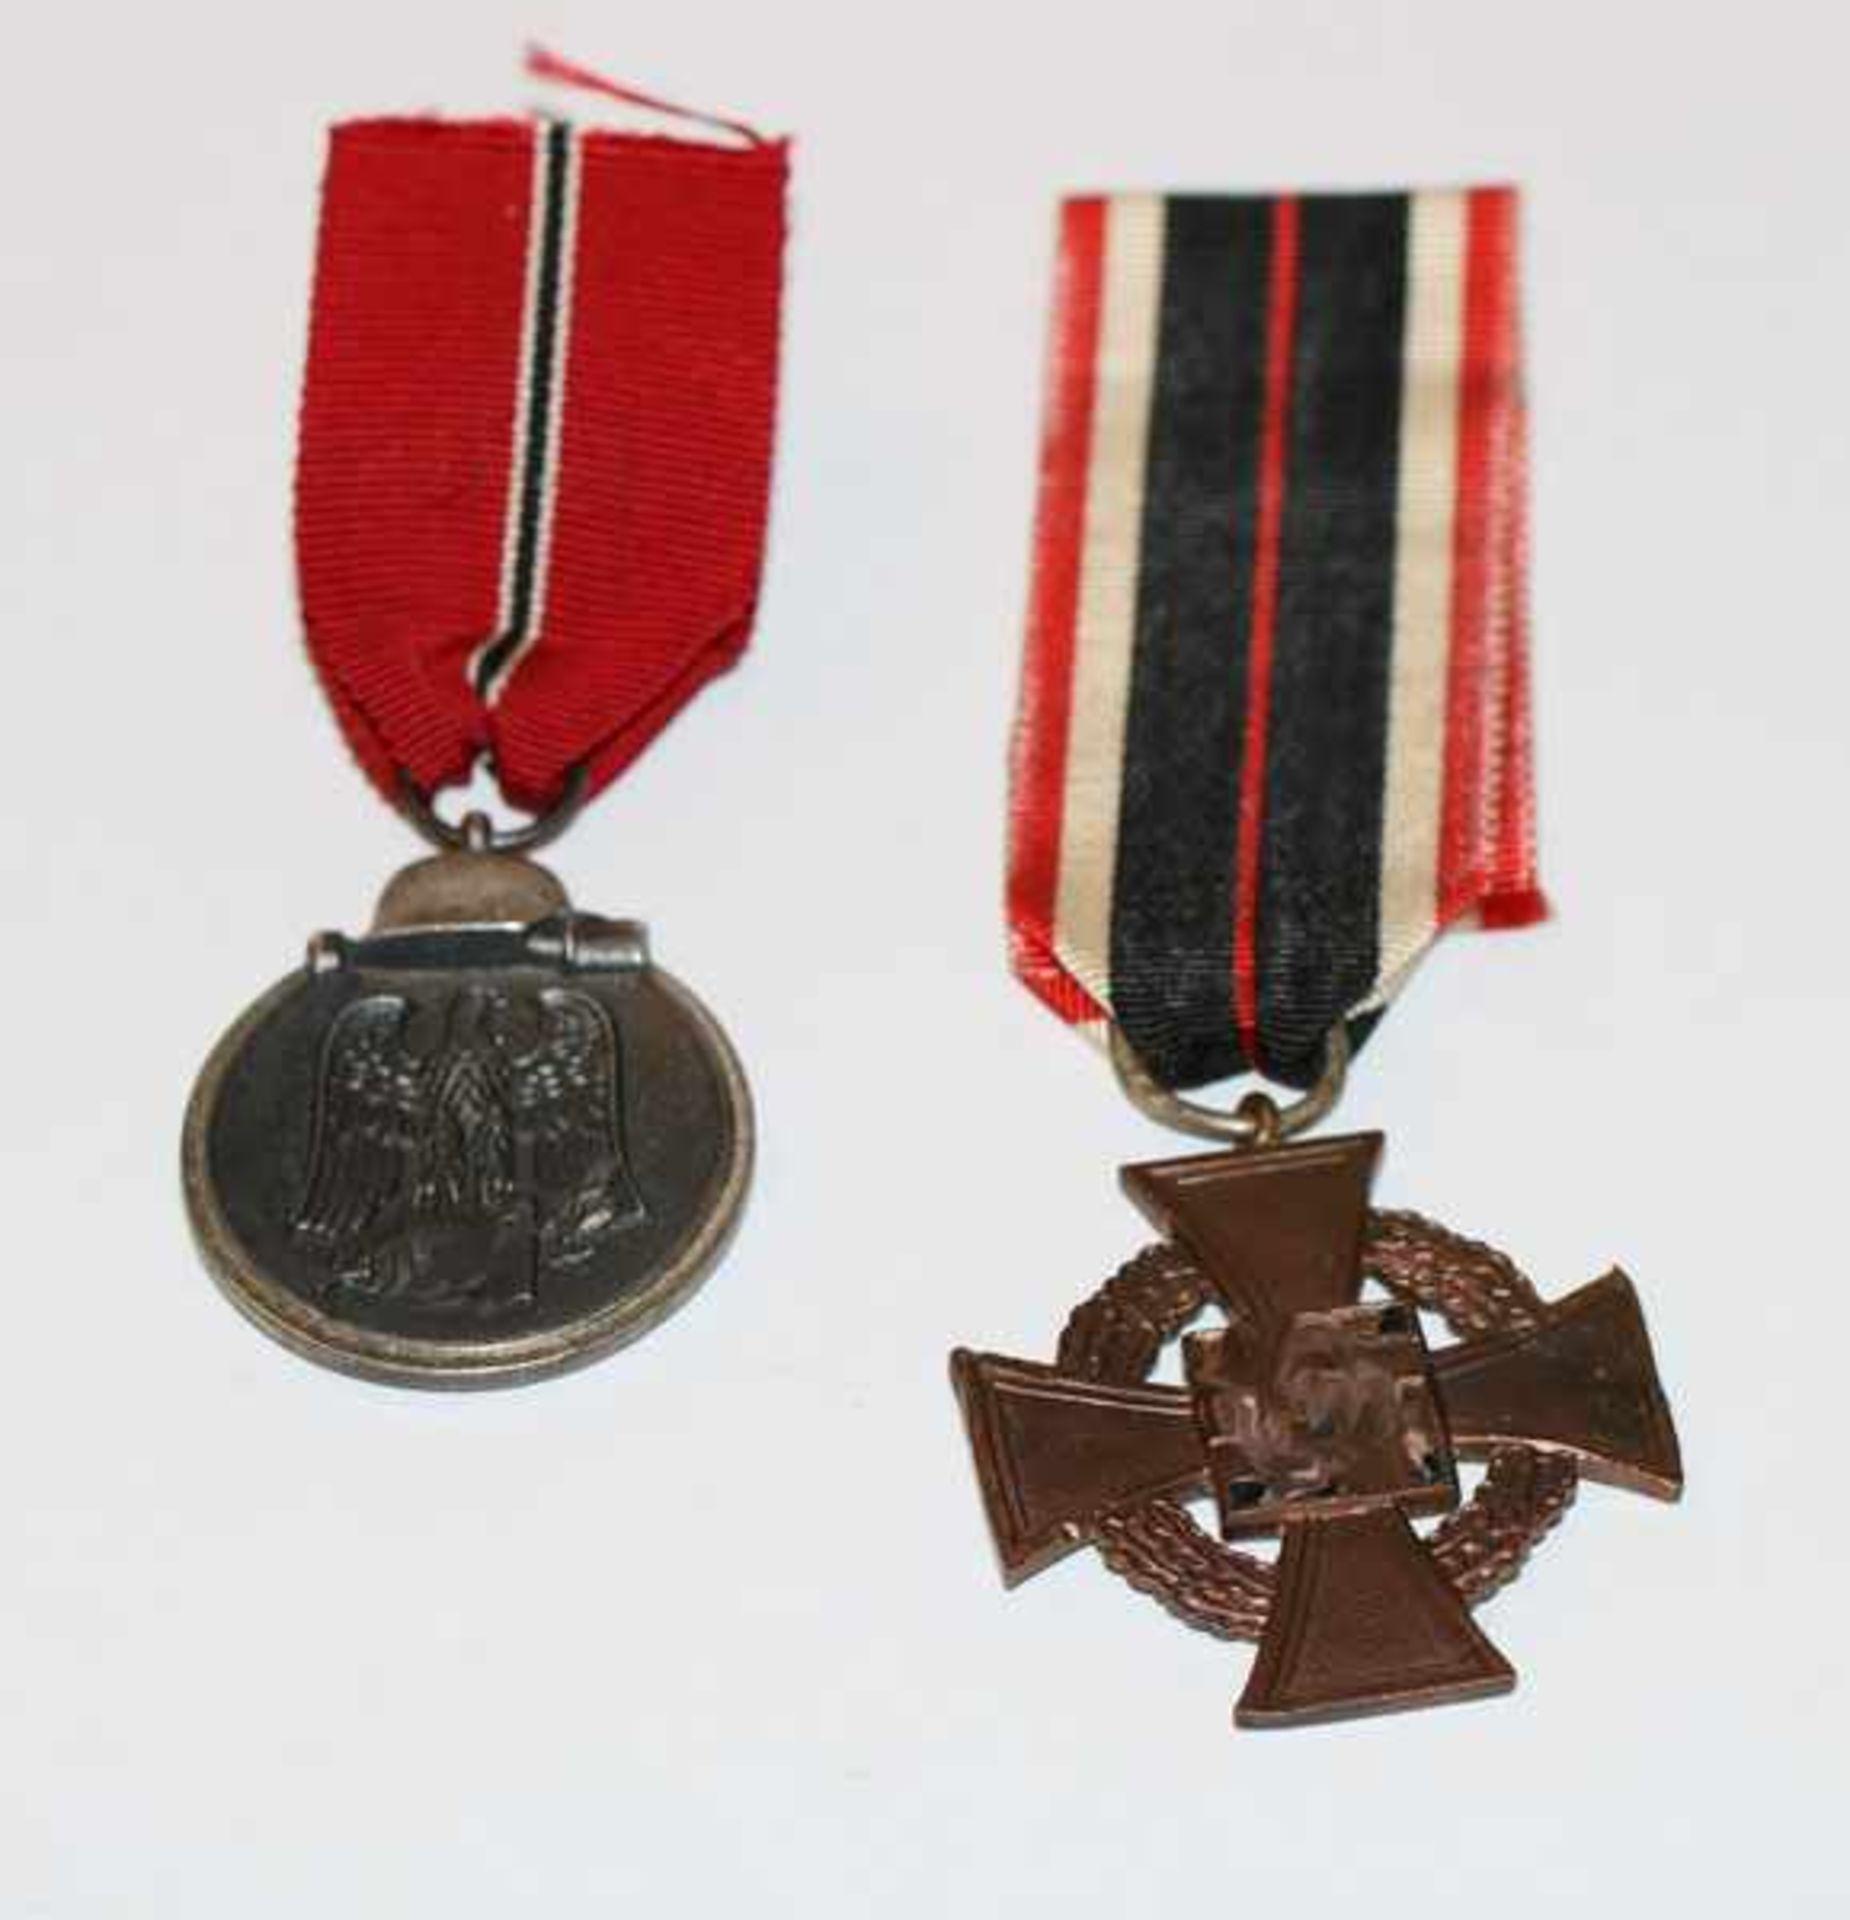 Verdienstabzeichen 2. Weltkrieg, beschädigt und Medaille Winterschlacht im Osten, beides am Band